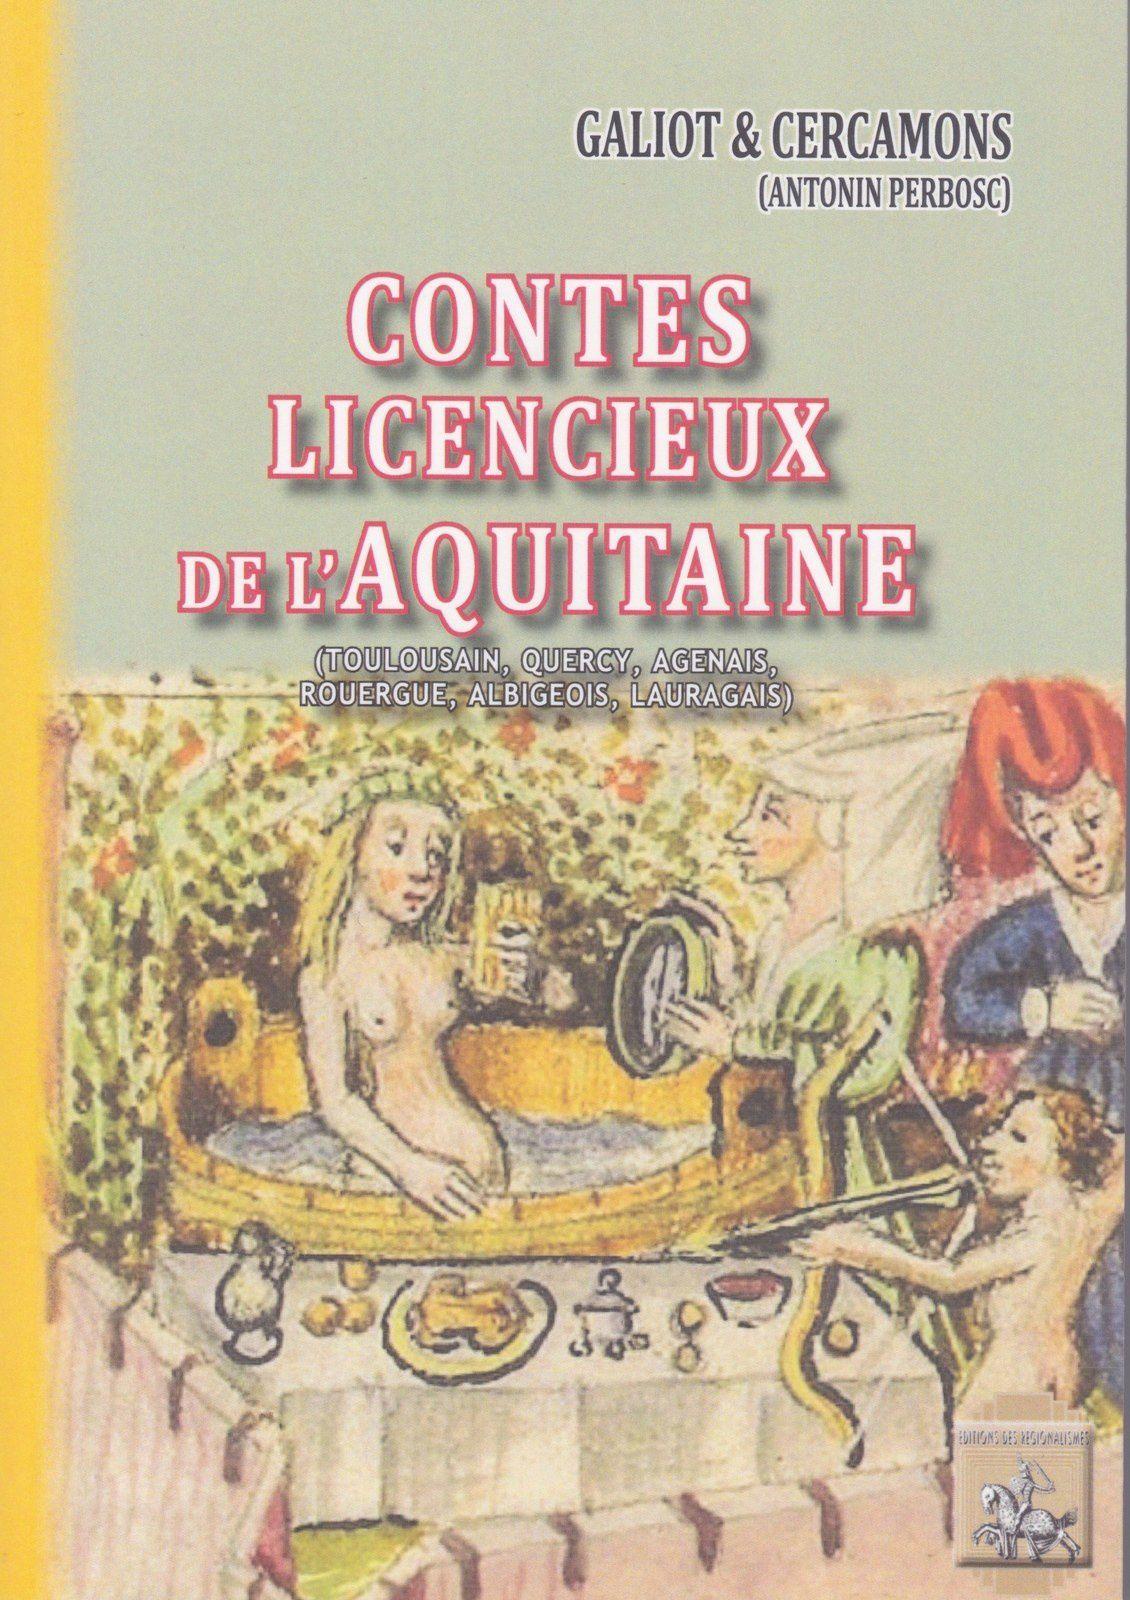 « Contes licencieux de l'Aquitaine » d'Antonin Perbòsc